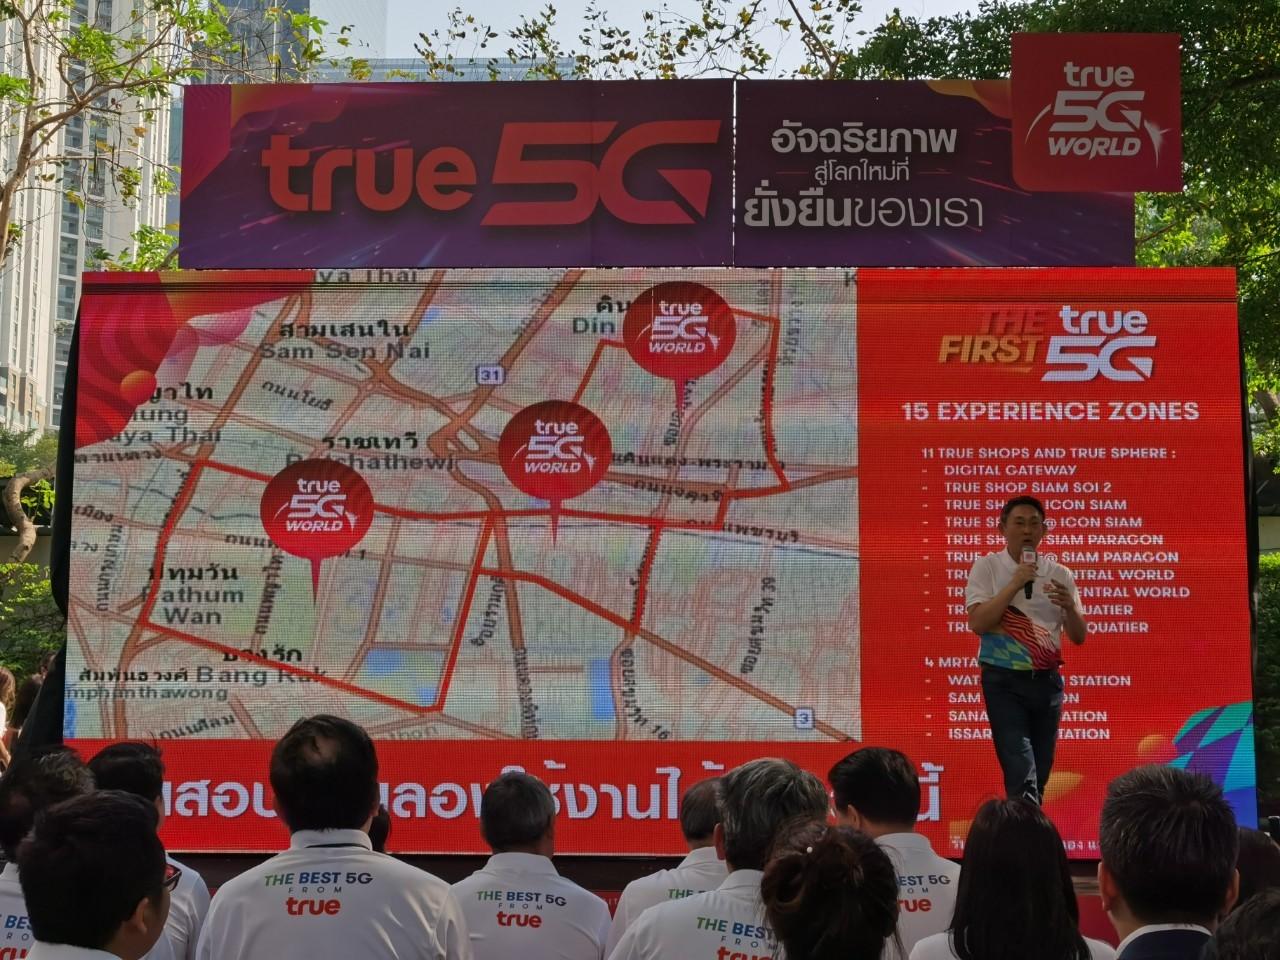 TrueMove H 5G (7)